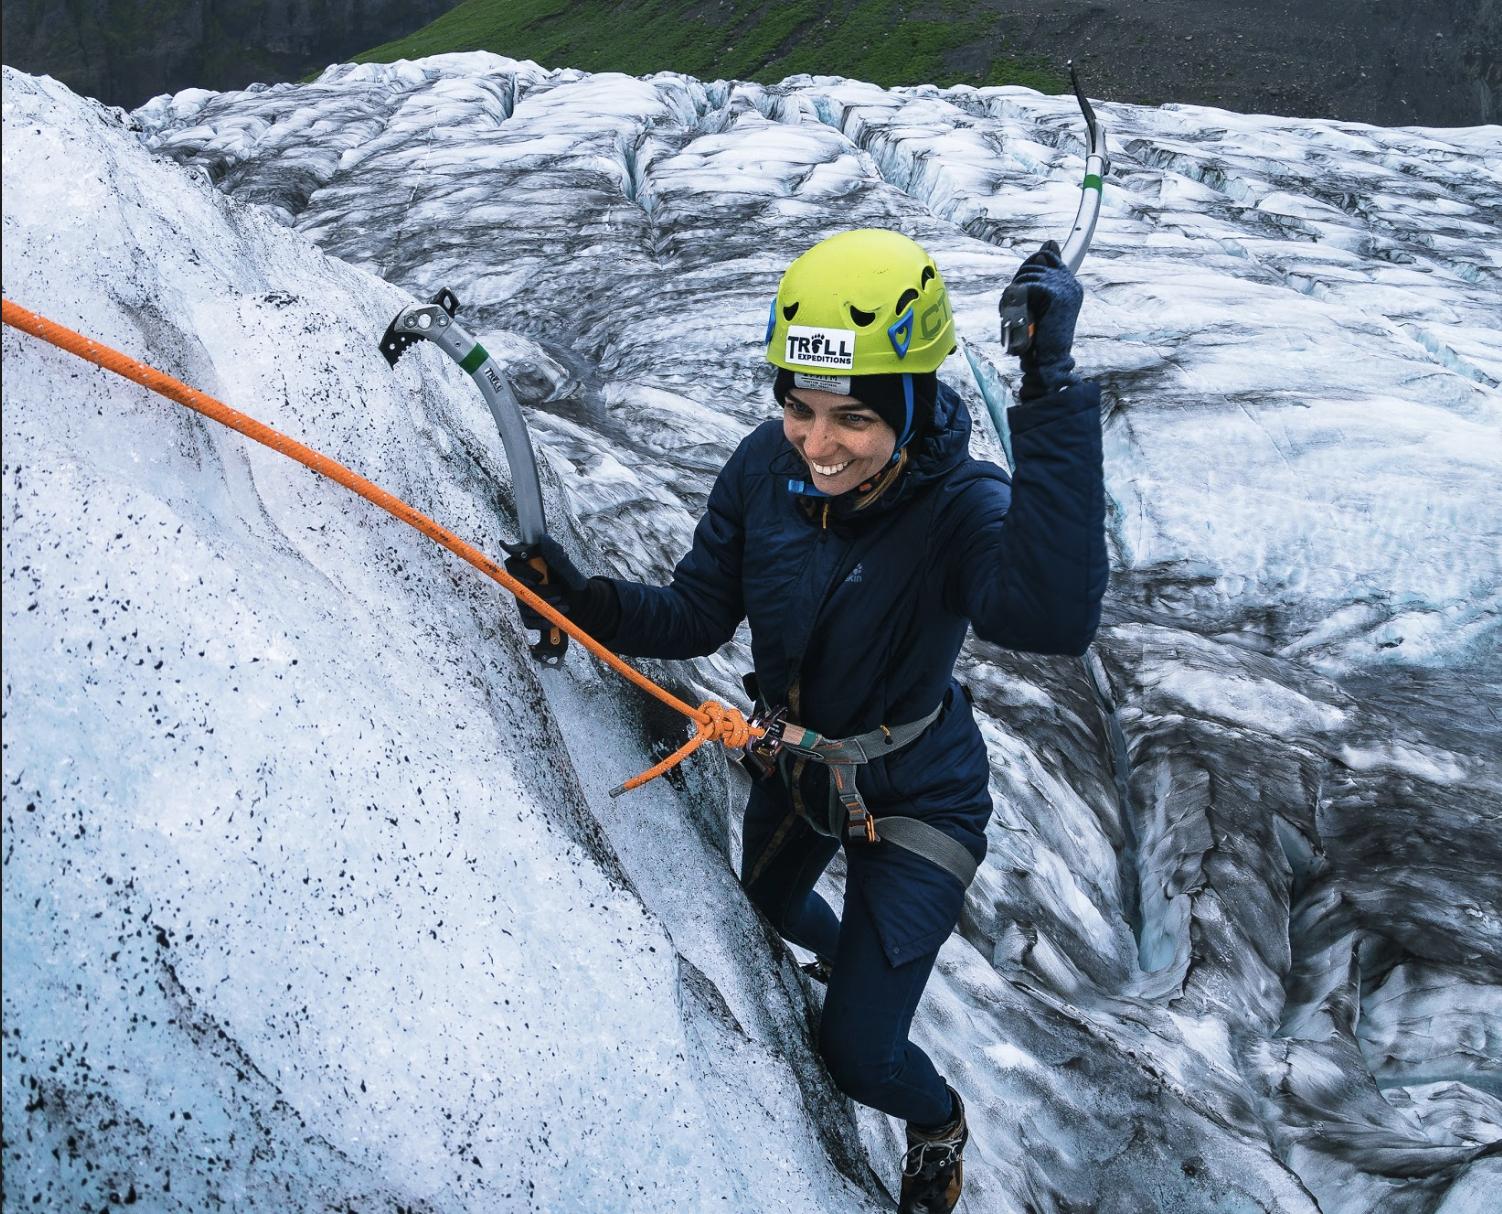 아이슬란드에서는 빙하 등반을 즐길 수 있습니다.